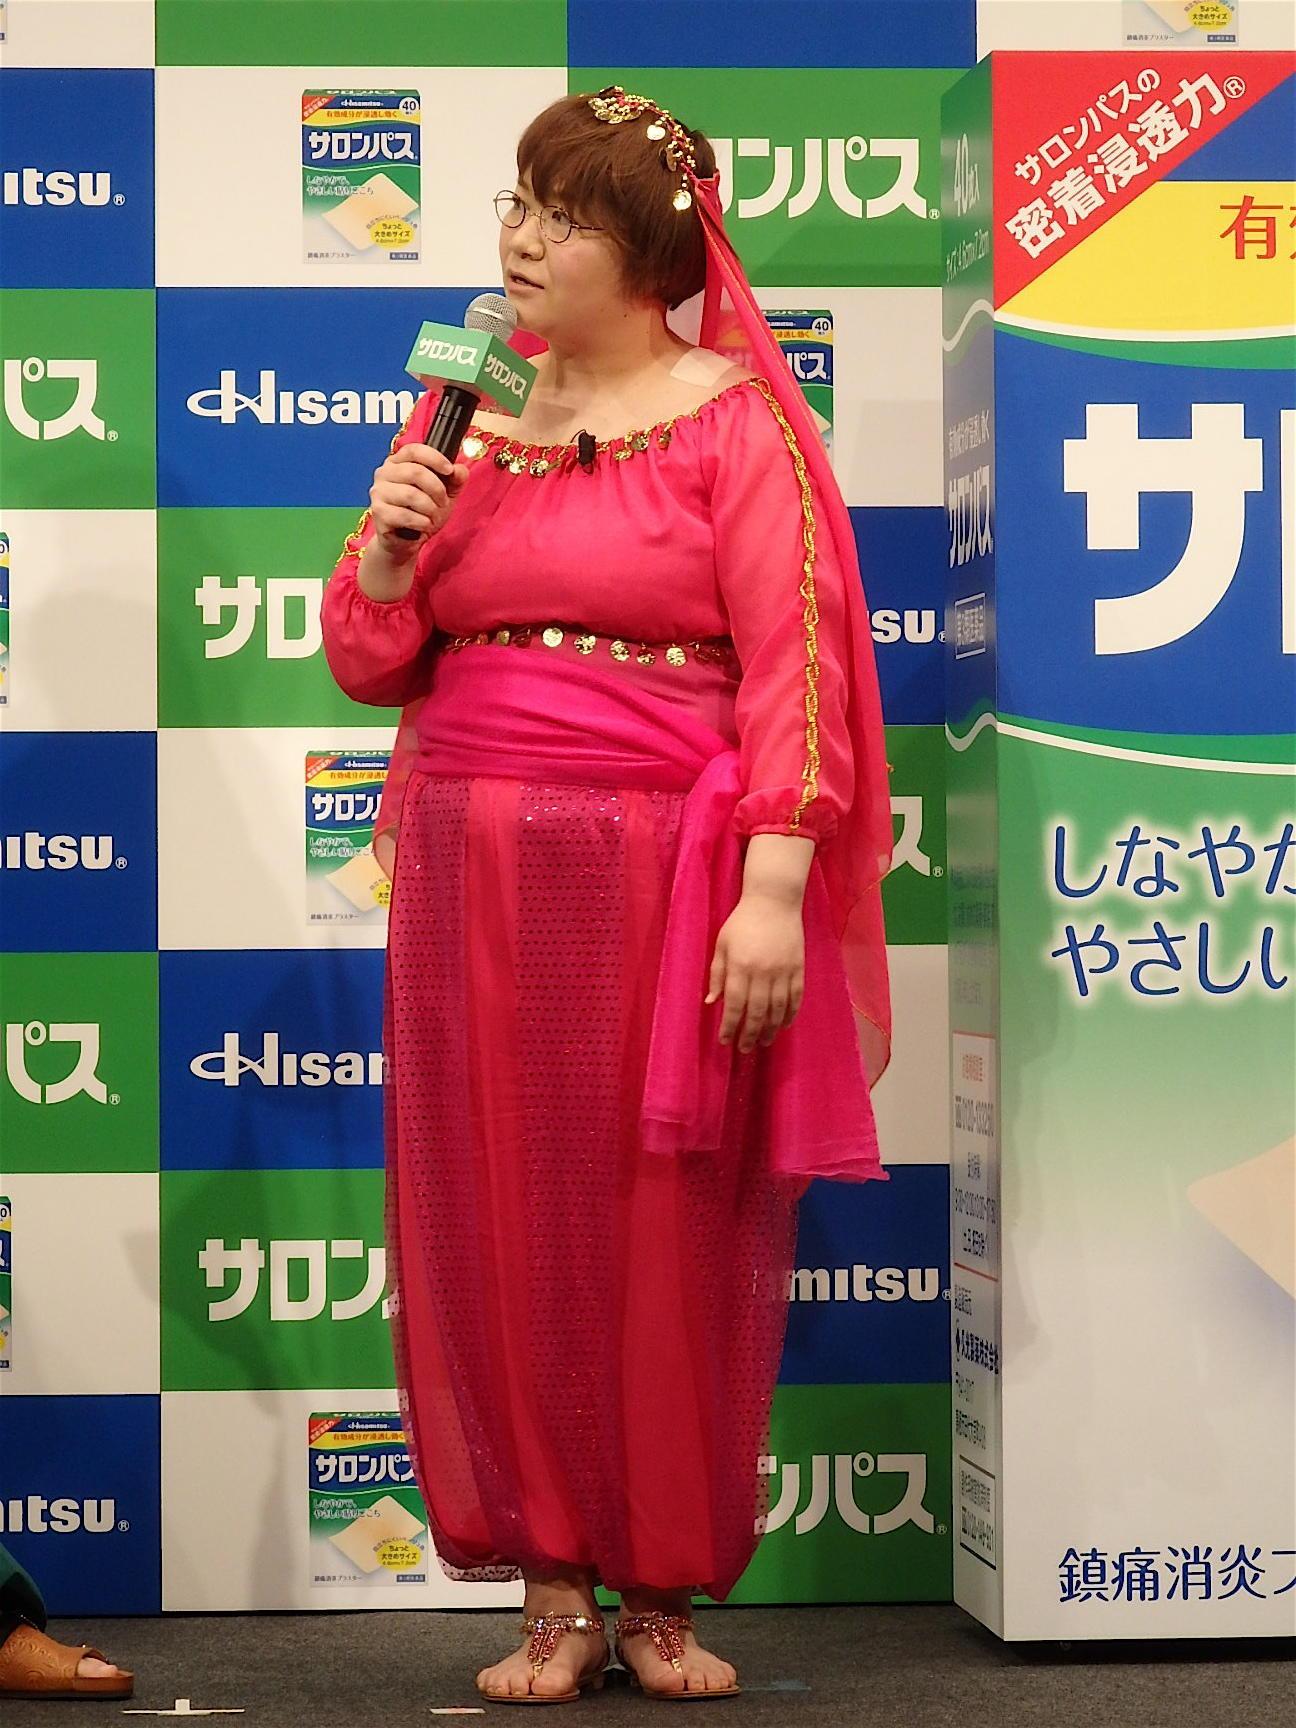 http://news.yoshimoto.co.jp/20160428205656-422ee36944f75204d201cf7374df422f3eb2e45c.jpg